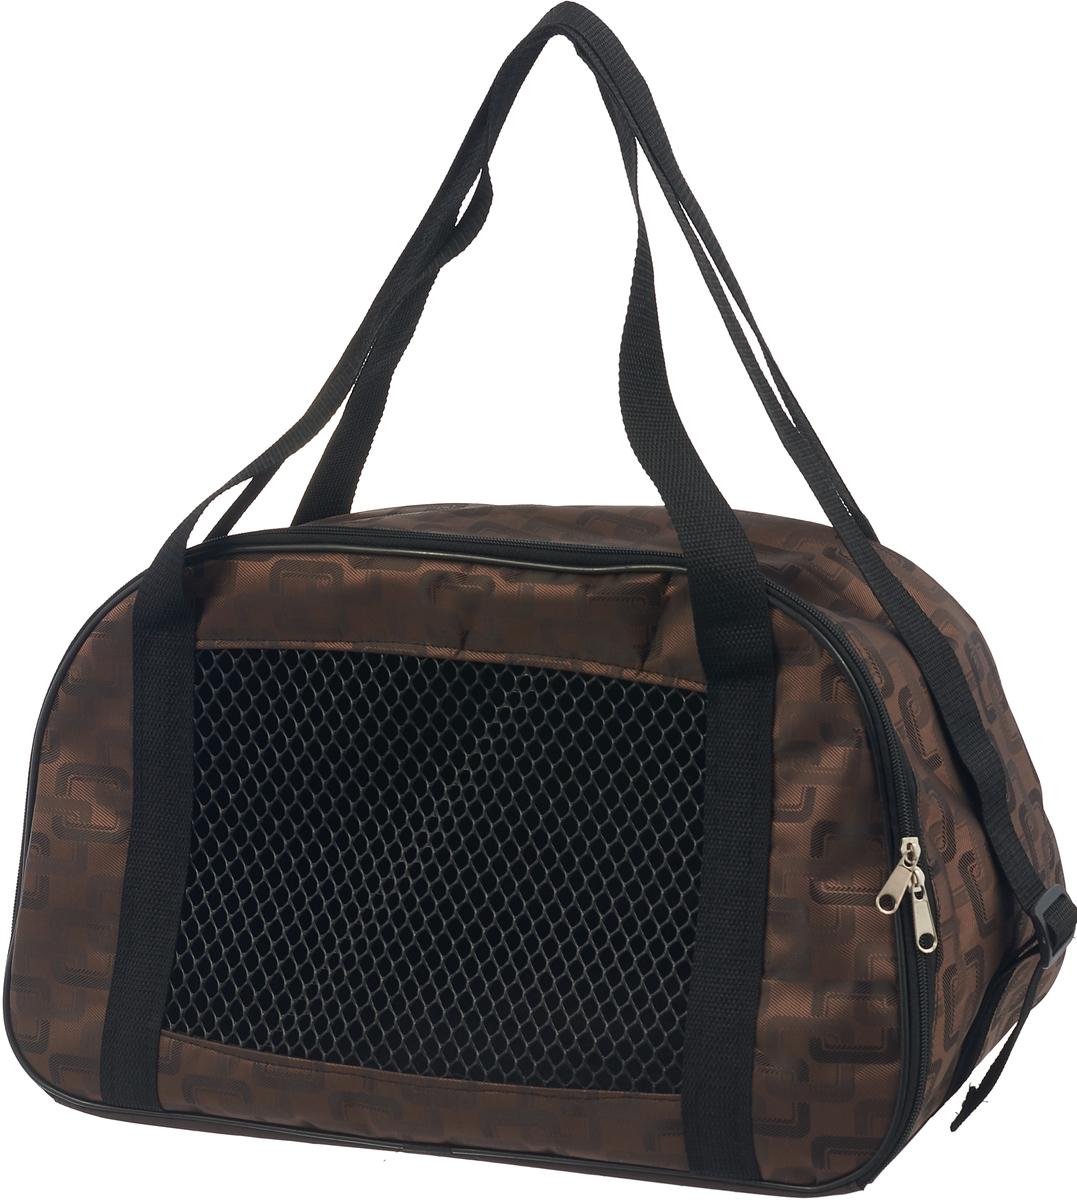 Сумка-переноска для животных Теремок, цвет: коричневый, 45 х 25 х 27 см сумка переноска для животных гамма стефани цвет синий 435 х 270 х 250 мм